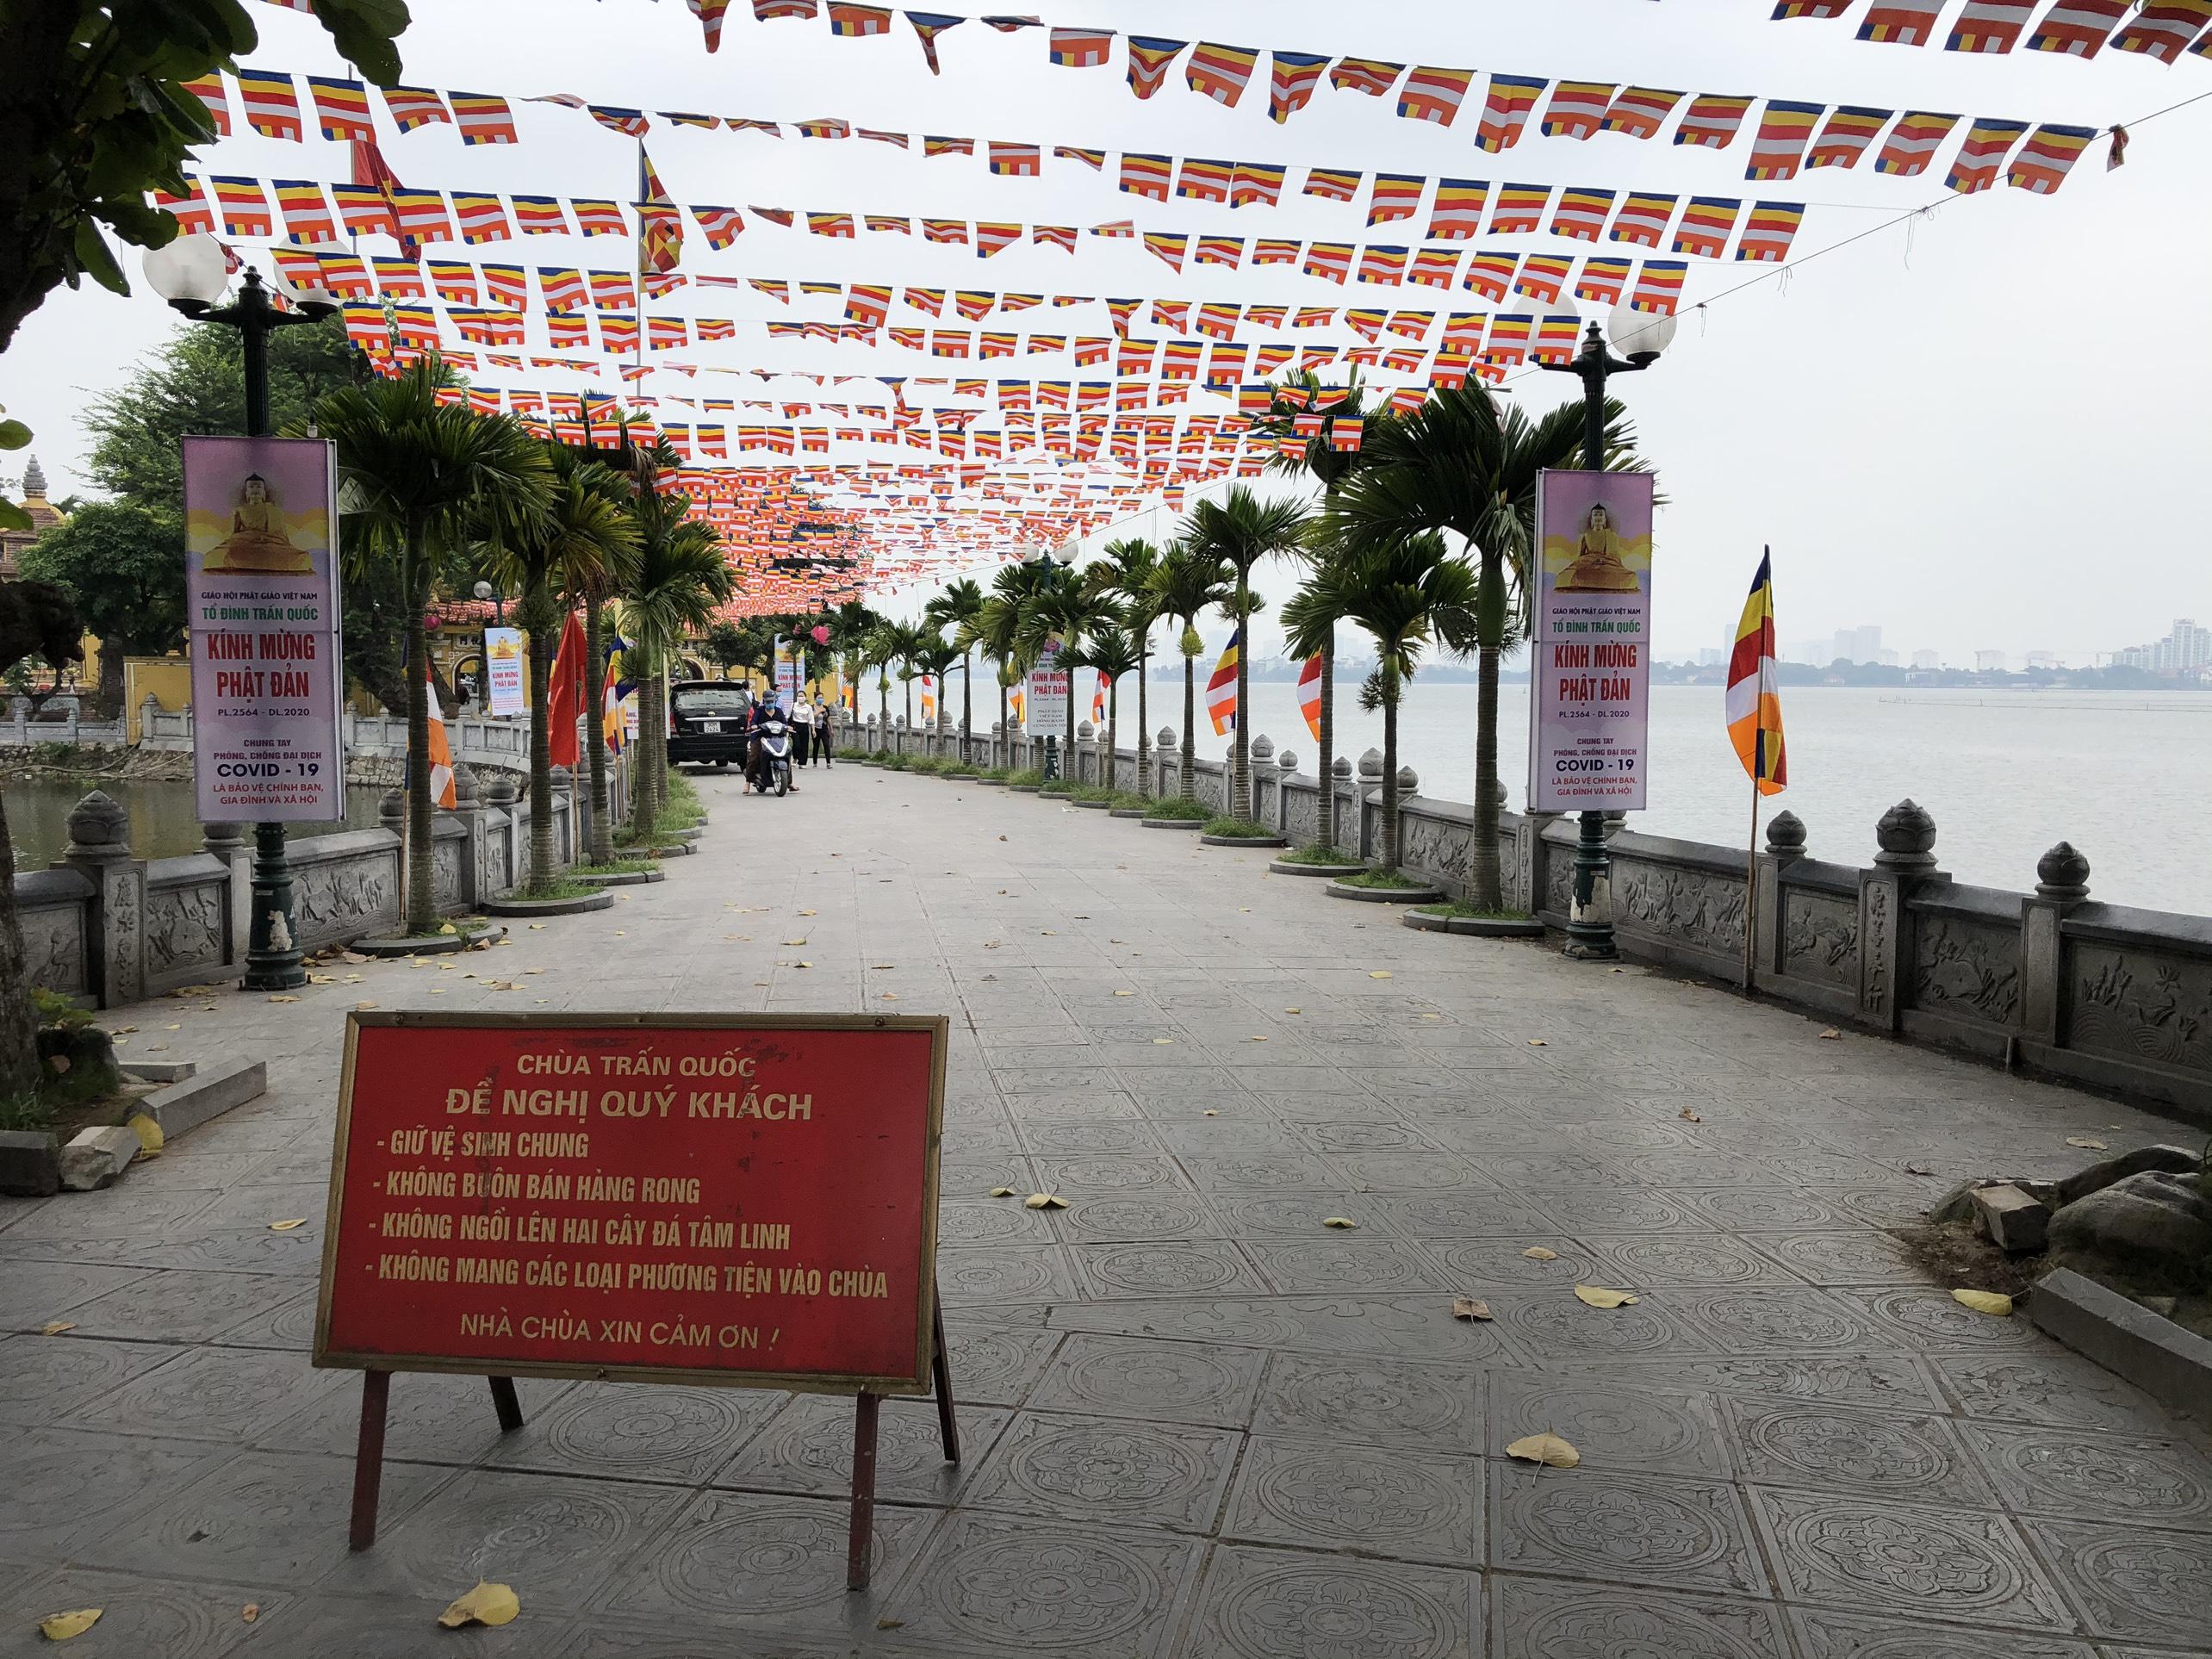 Mở cửa trở lại, một số điểm tham quan tại Hà Nội vẫn vắng khách du lịch - Ảnh 7.